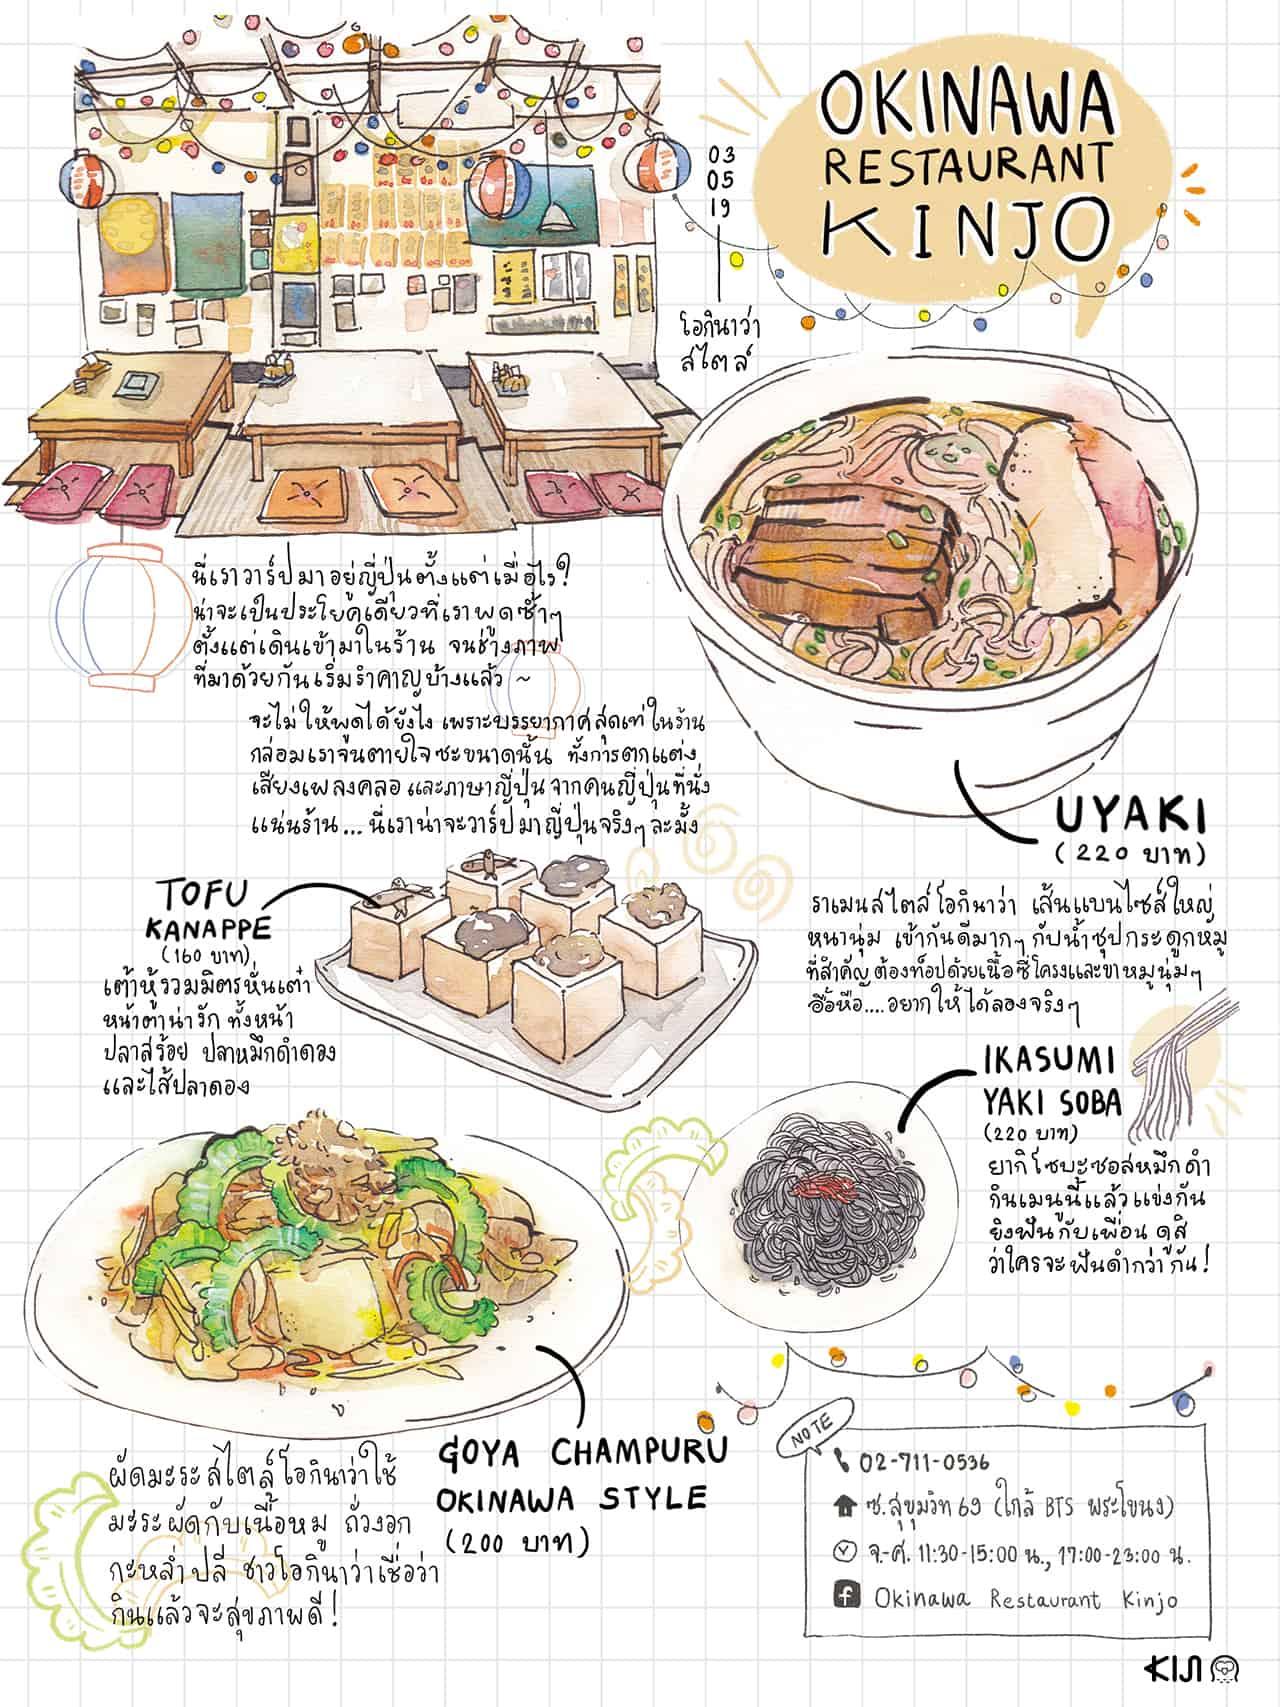 อาหารญี่ปุ่น Okinawa Kinjo (โอกินาว่า คินโจ)